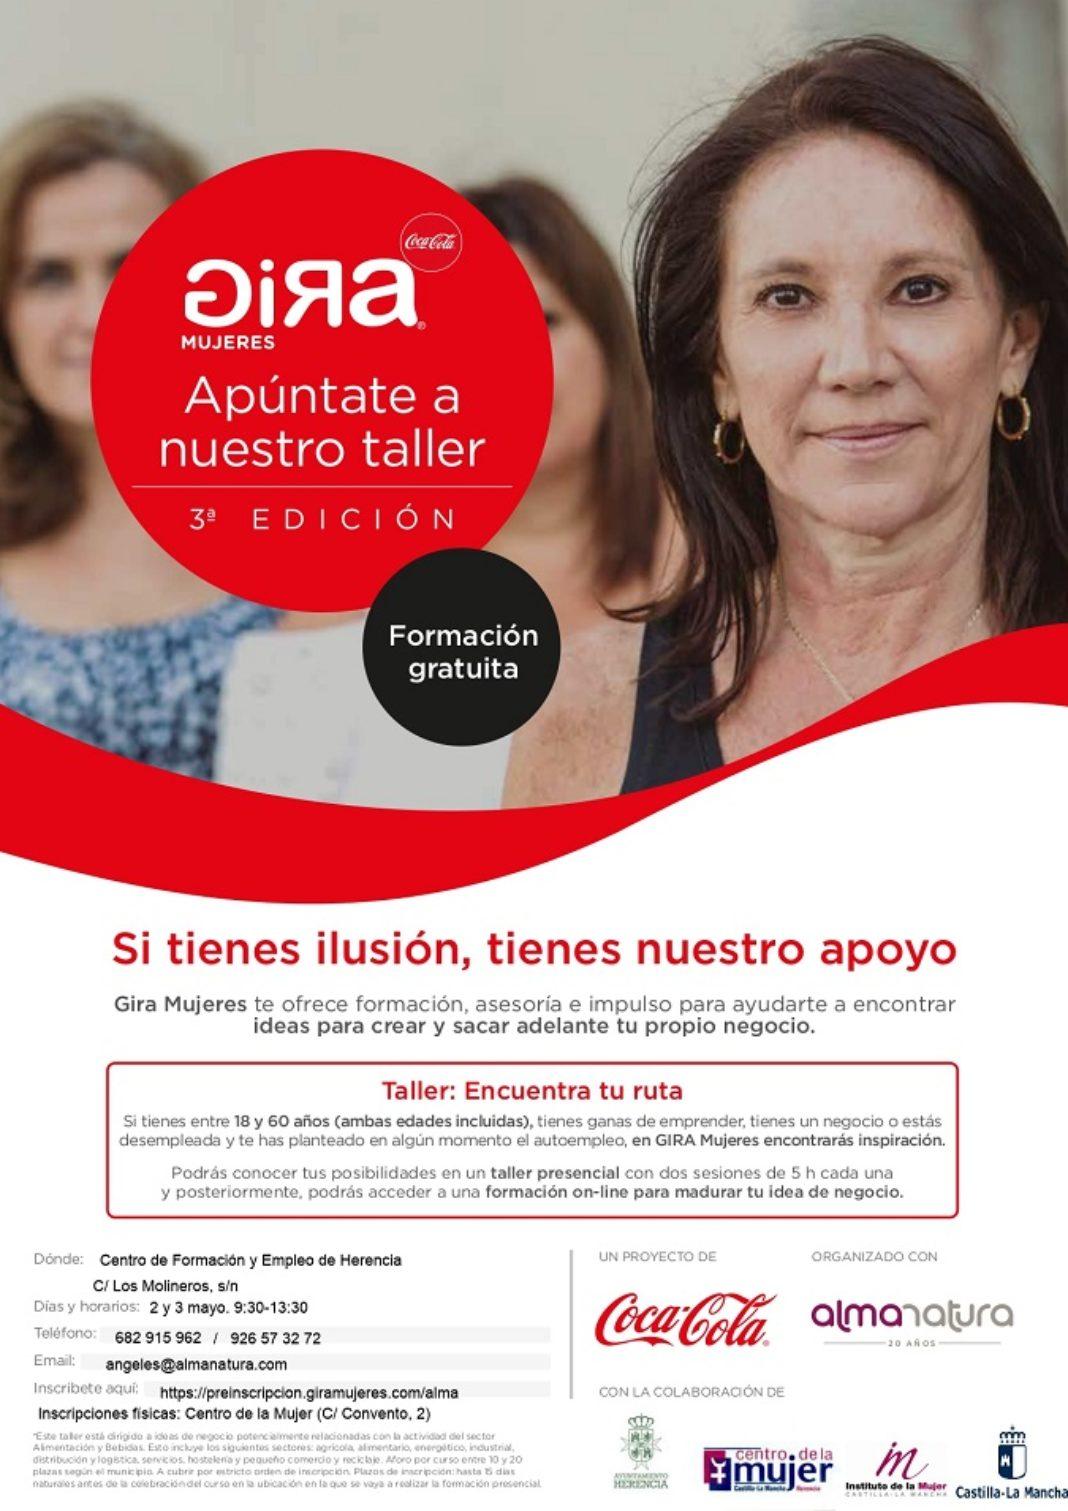 cartel gira mujeres herencia 1068x1511 - El Proyecto Gira Mujeres llega a Herencia